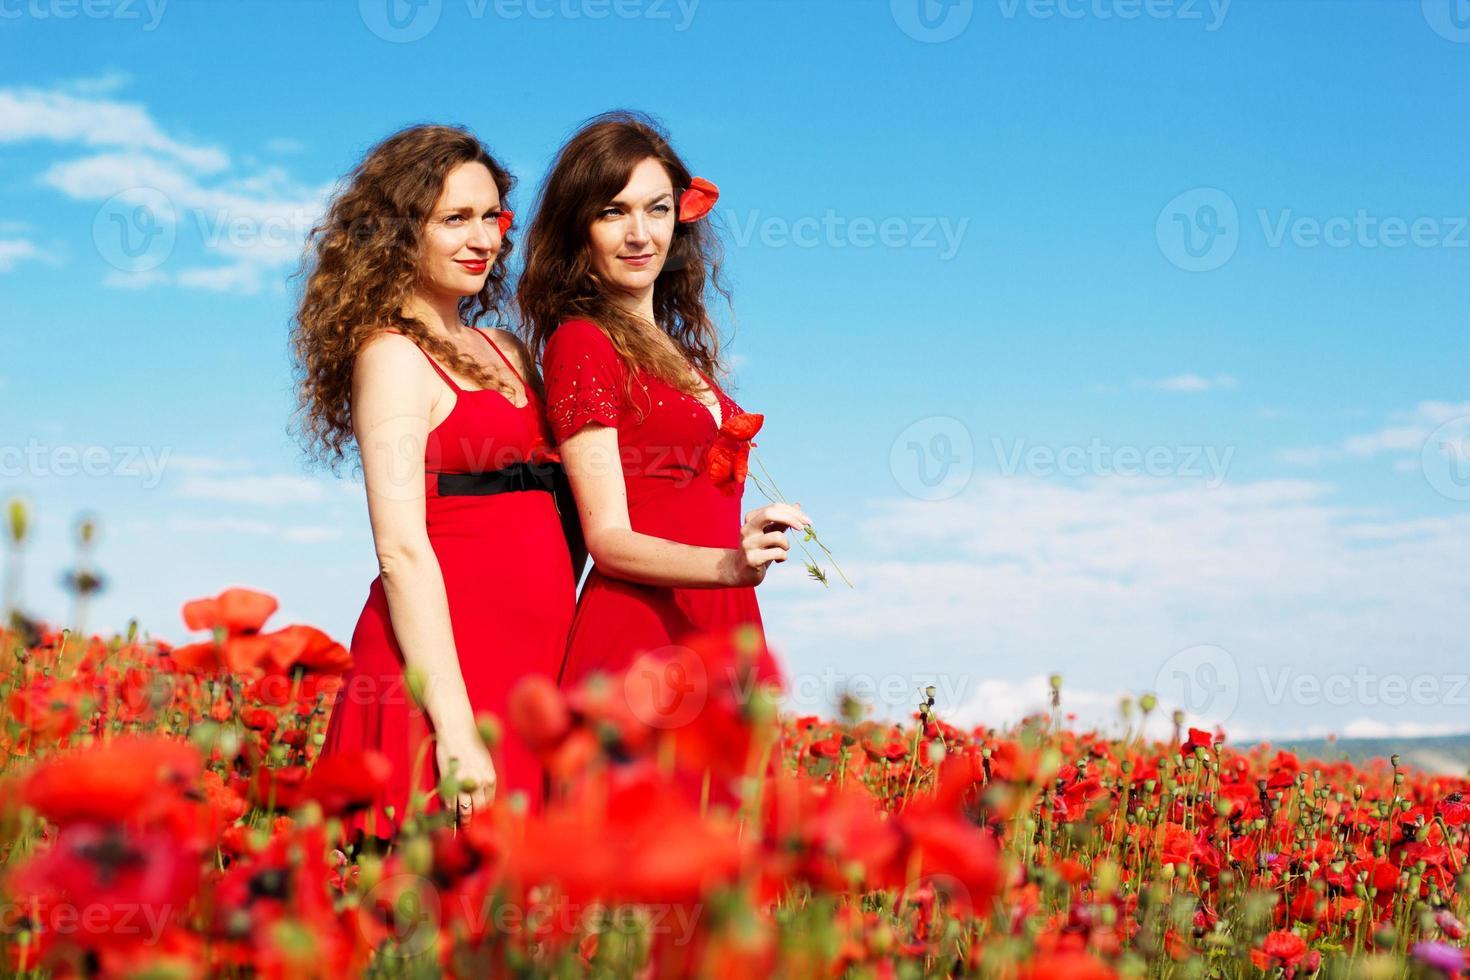 duas mulheres jogando no campo de papoulas foto